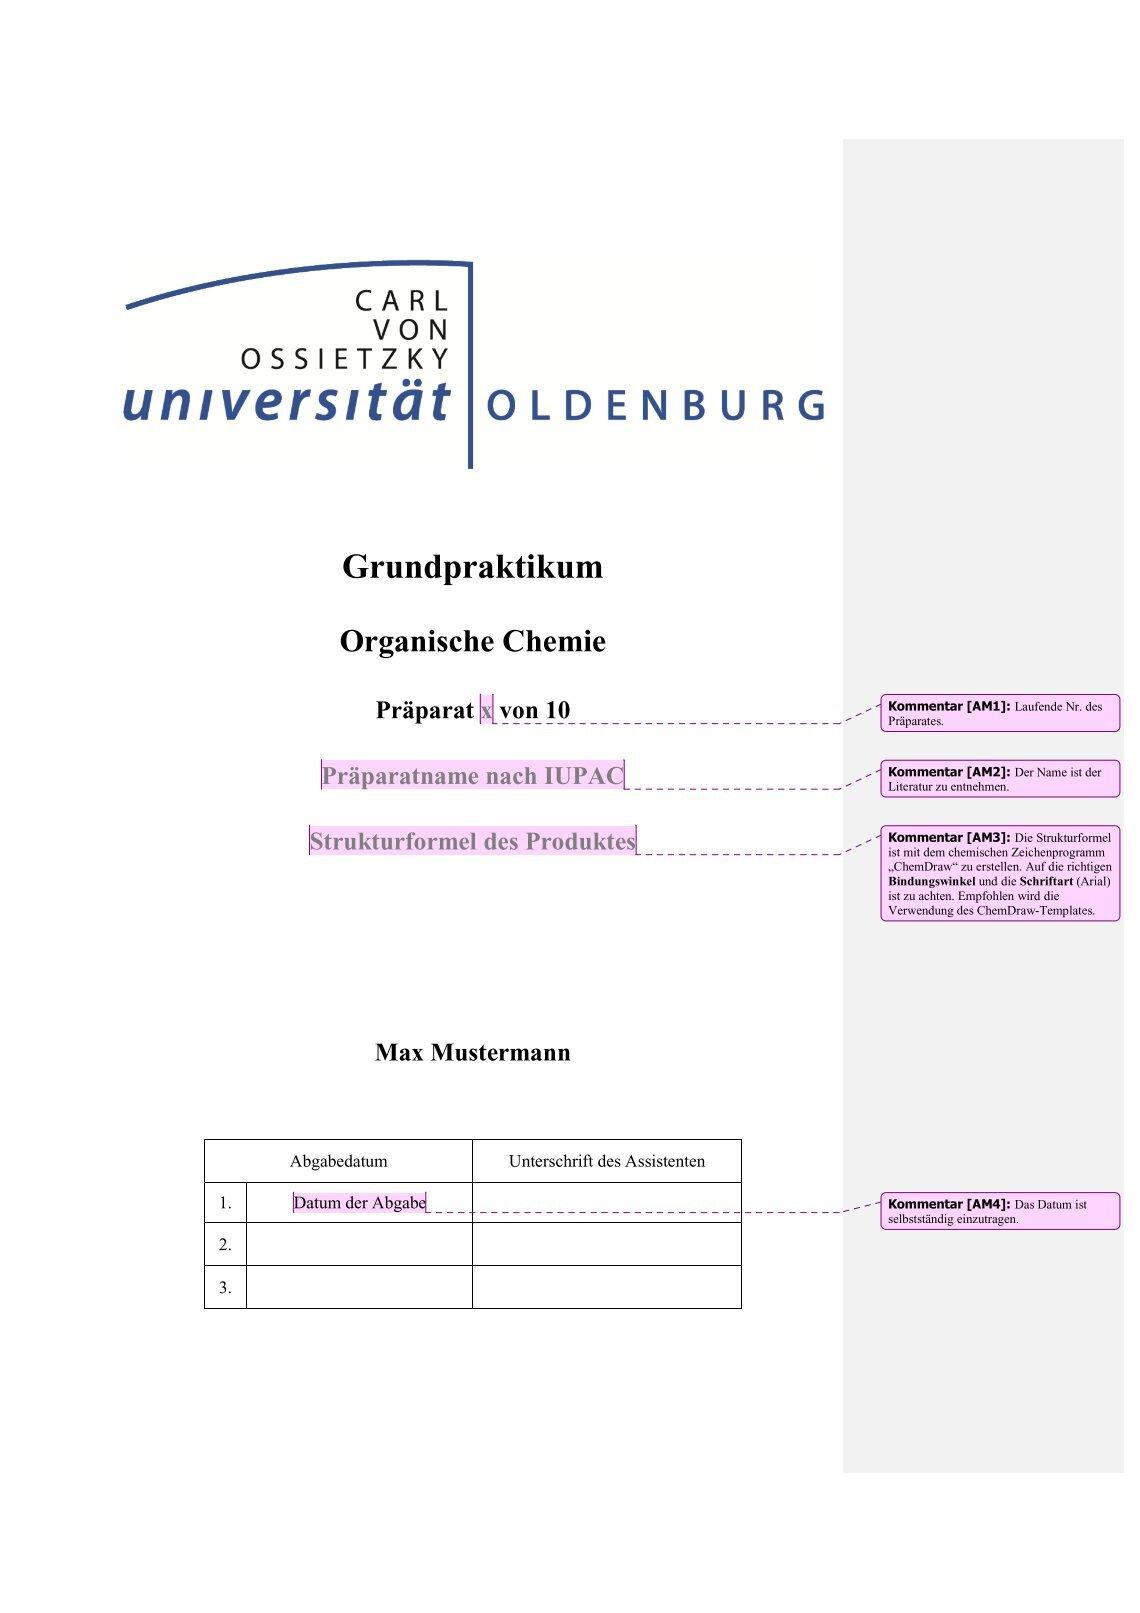 Erfreut Anorganische Chemie Vorlage Galerie - Entry Level Resume ...